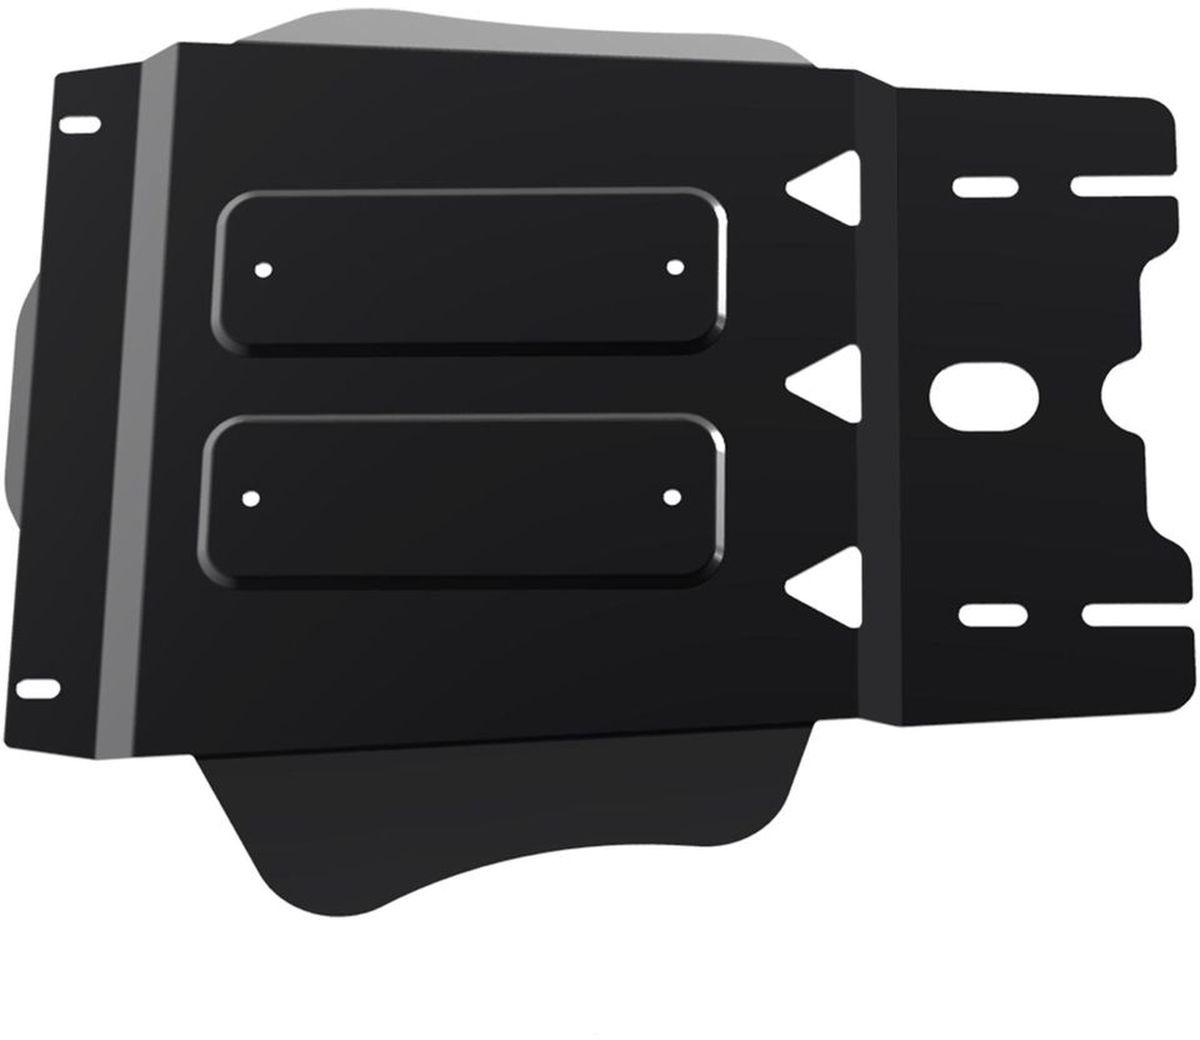 Защита КПП и РК Автоброня Haval H8 2015-, сталь 2 мм111.09414.1Защита КПП и РК Автоброня Haval H8, V-2,0T 2015-, сталь 2 мм, комплект крепежа, 111.09414.1Стальные защиты Автоброня надежно защищают ваш автомобиль от повреждений при наезде на бордюры, выступающие канализационные люки, кромки поврежденного асфальта или при ремонте дорог, не говоря уже о загородных дорогах.- Имеют оптимальное соотношение цена-качество.- Спроектированы с учетом особенностей автомобиля, что делает установку удобной.- Защита устанавливается в штатные места кузова автомобиля.- Является надежной защитой для важных элементов на протяжении долгих лет.- Глубокий штамп дополнительно усиливает конструкцию защиты.- Подштамповка в местах крепления защищает крепеж от срезания.- Технологические отверстия там, где они необходимы для смены масла и слива воды, оборудованные заглушками, закрепленными на защите.Толщина стали 2 мм.В комплекте крепеж и инструкция по установке.Уважаемые клиенты!Обращаем ваше внимание на тот факт, что защита имеет форму, соответствующую модели данного автомобиля. Наличие глубокого штампа и лючков для смены фильтров/масла предусмотрено не на всех защитах. Фото служит для визуального восприятия товара.